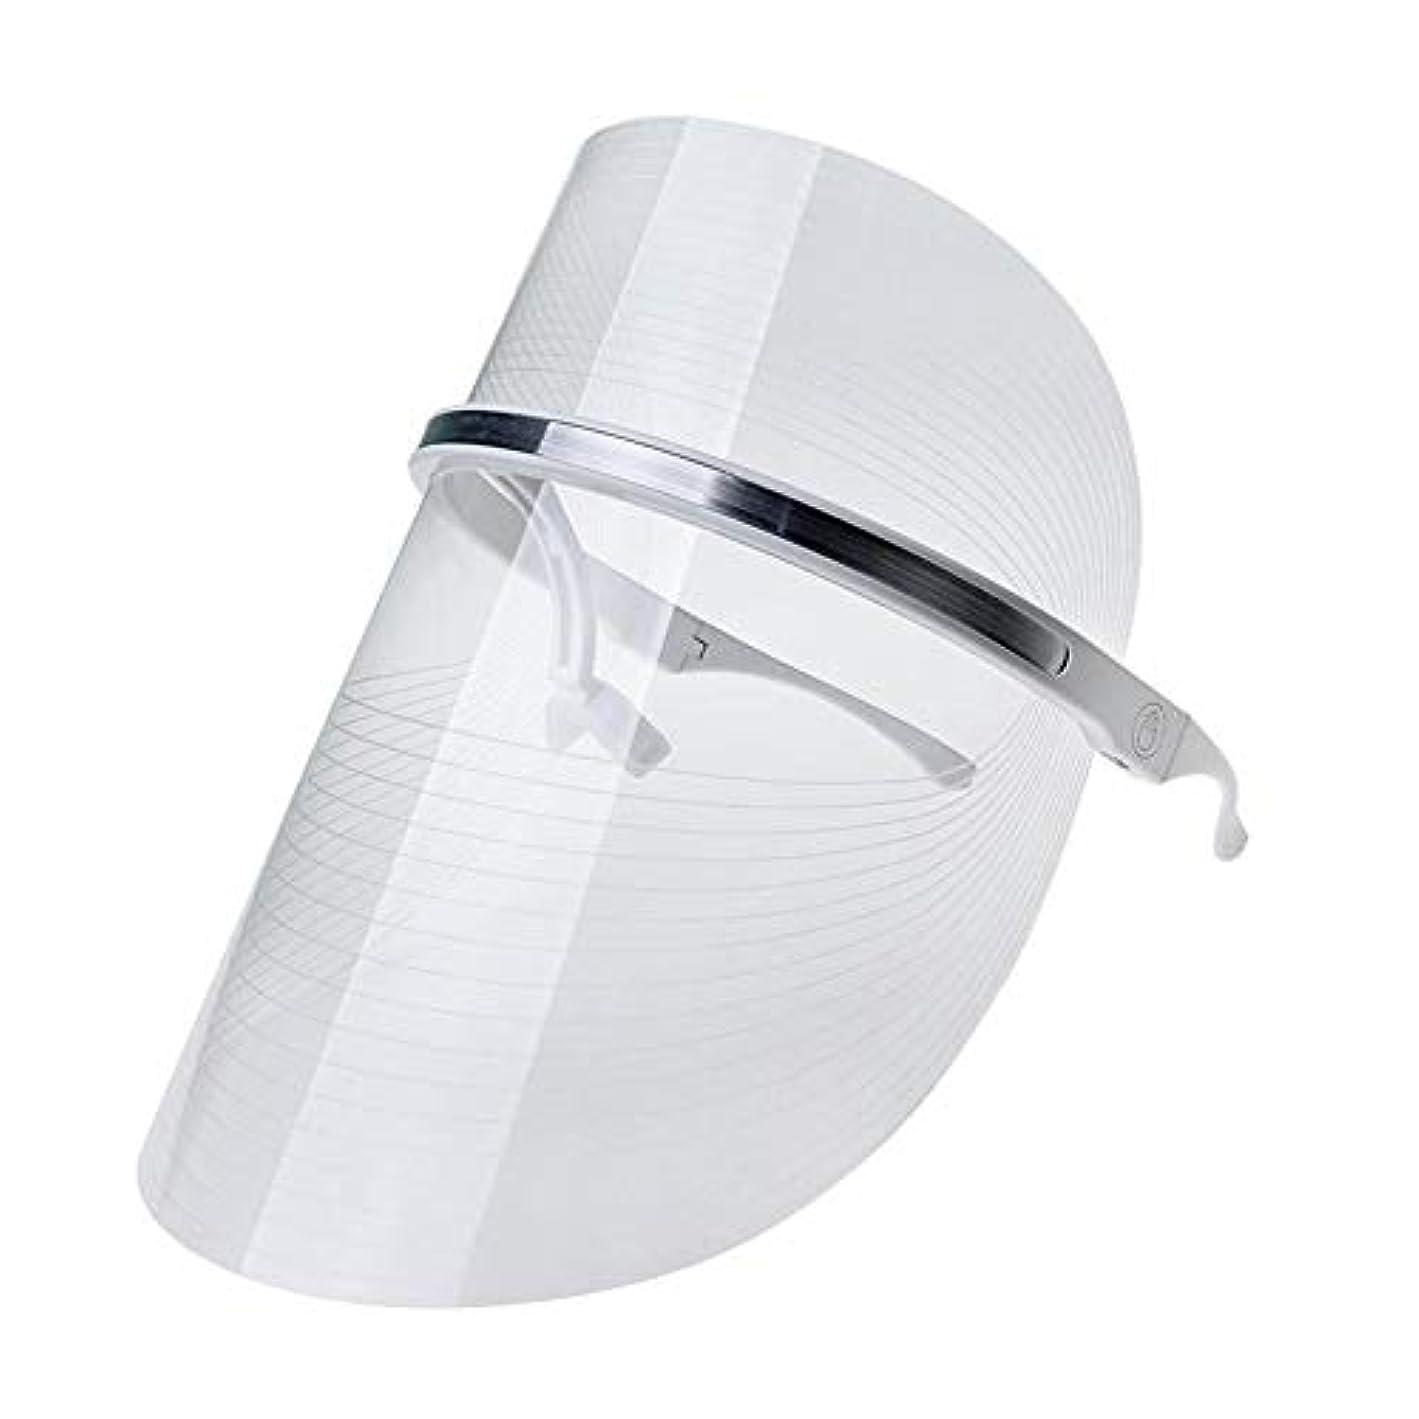 甘味ステーキ田舎BETTER YOU (ベター ュー) 美容マスク、美容道具、美白、肌の若返り、安全、放射線なし